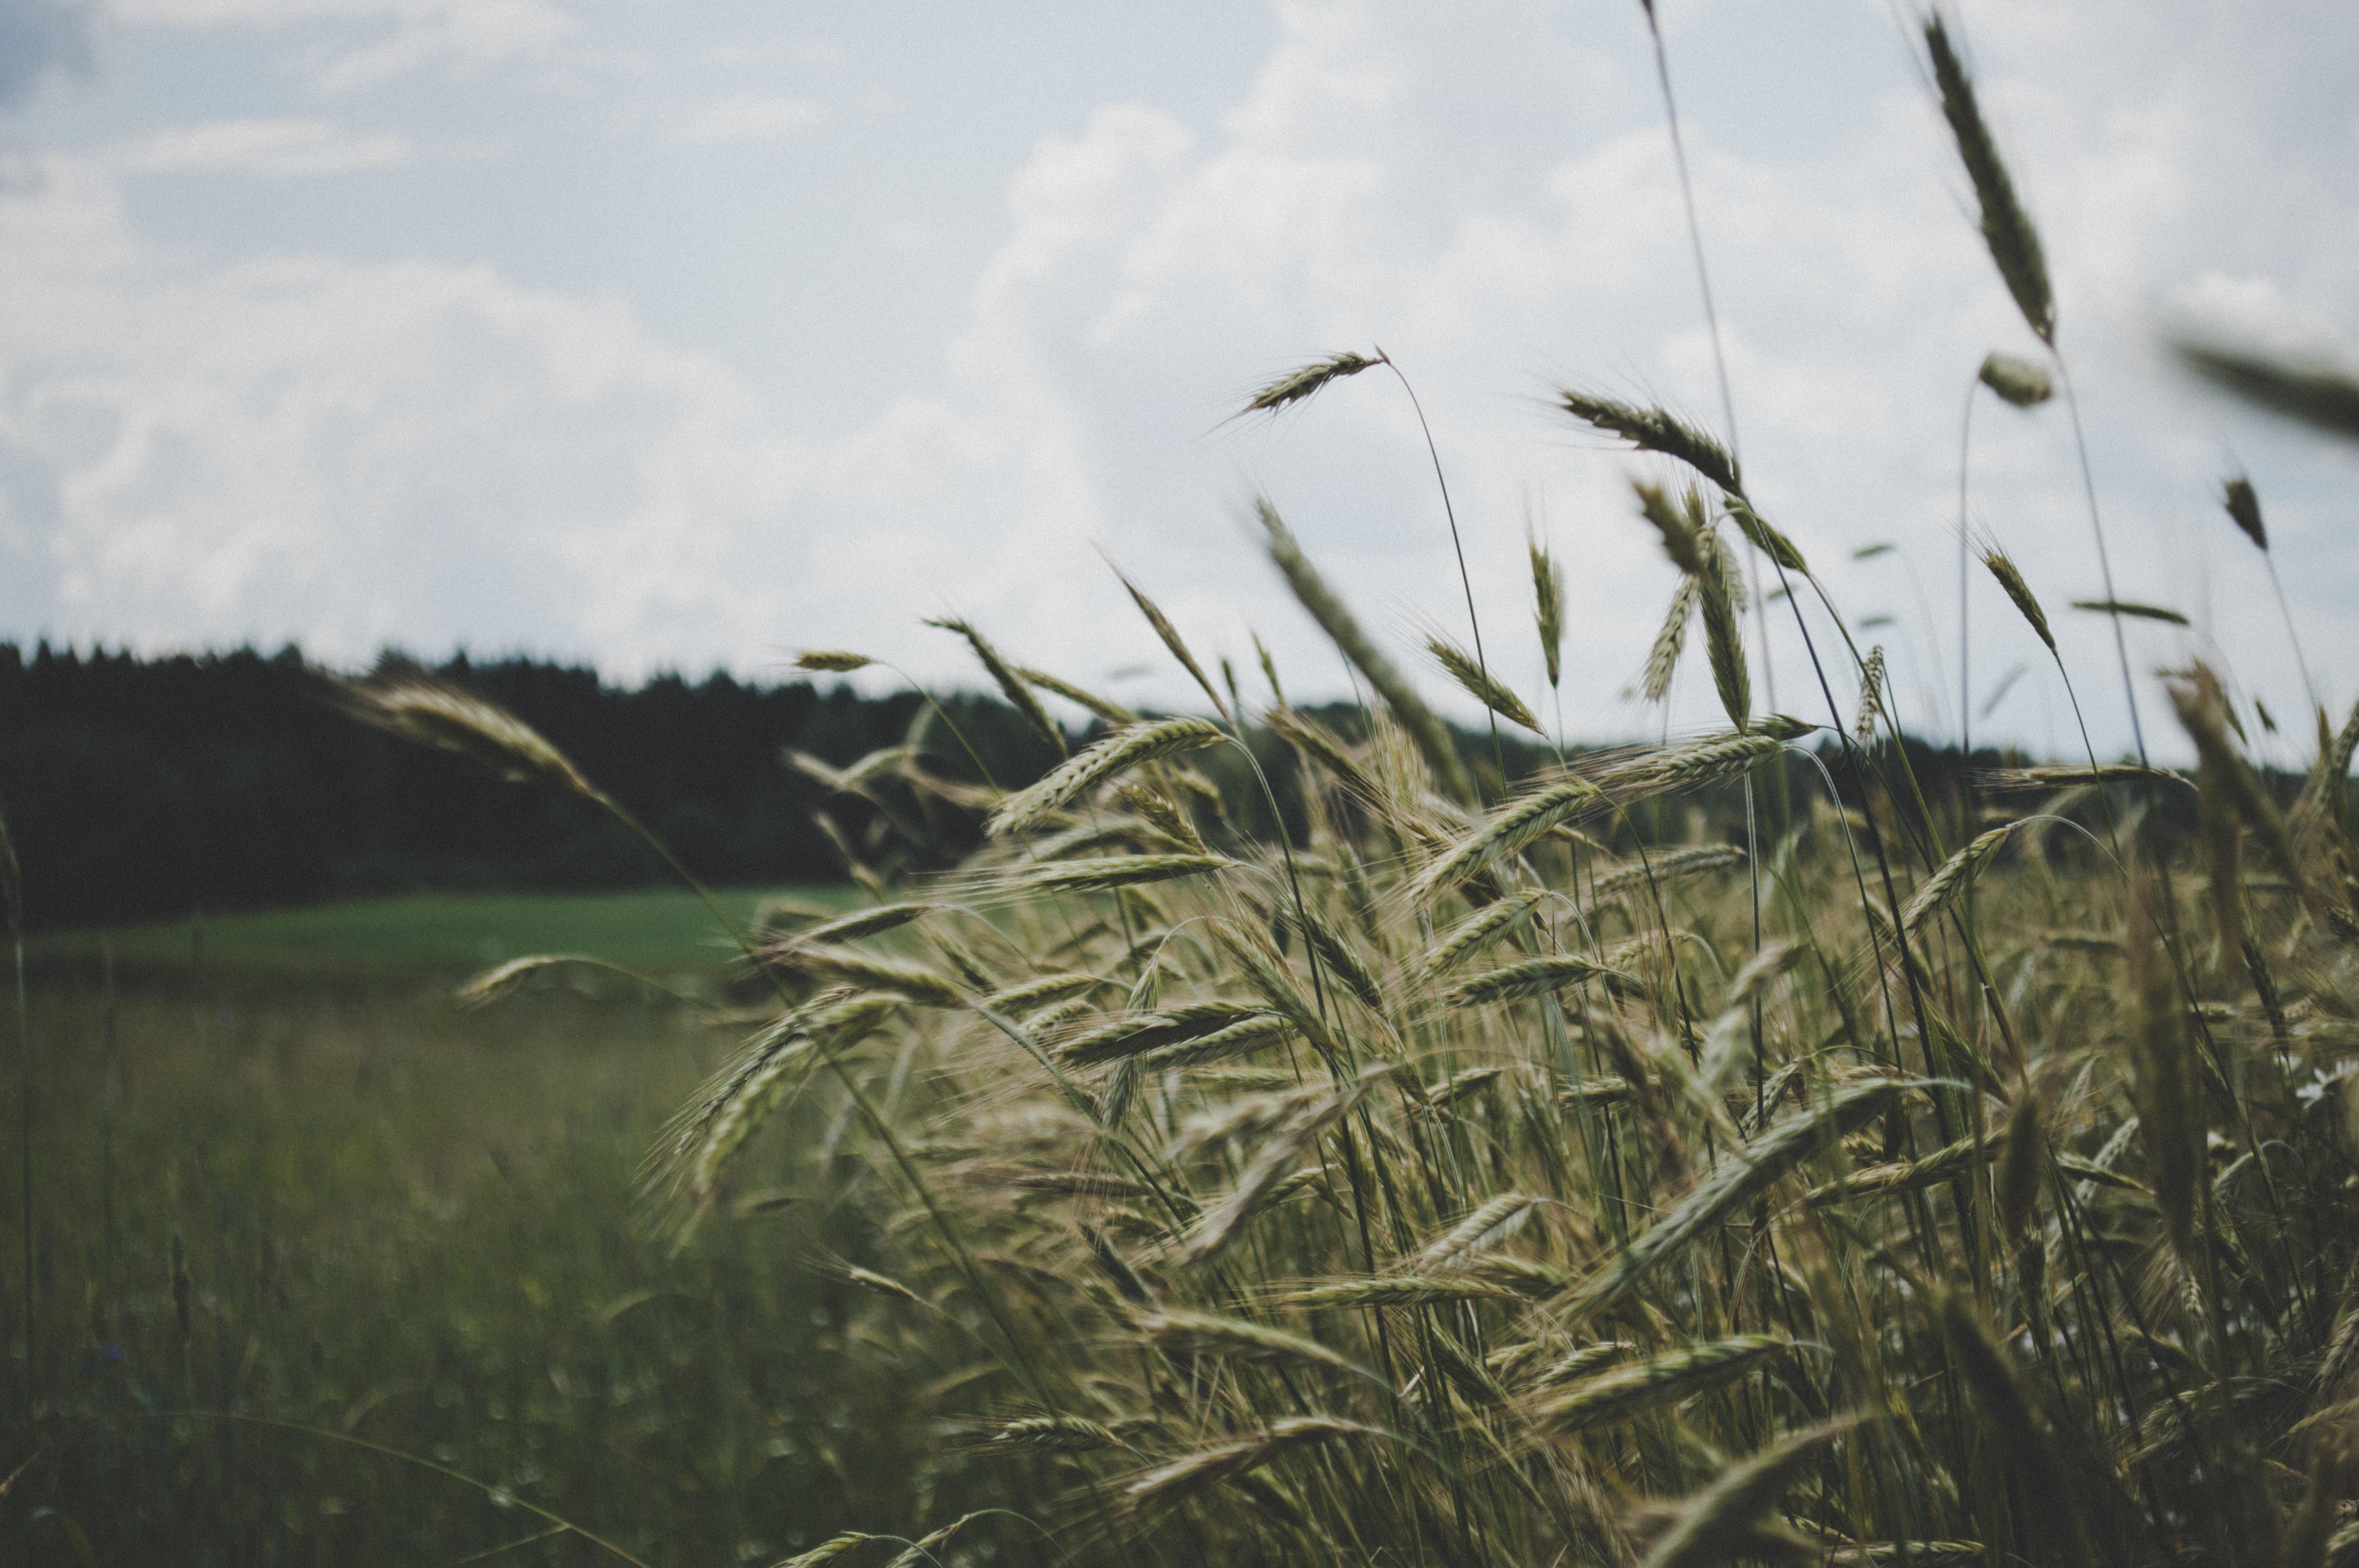 tall grass in a field